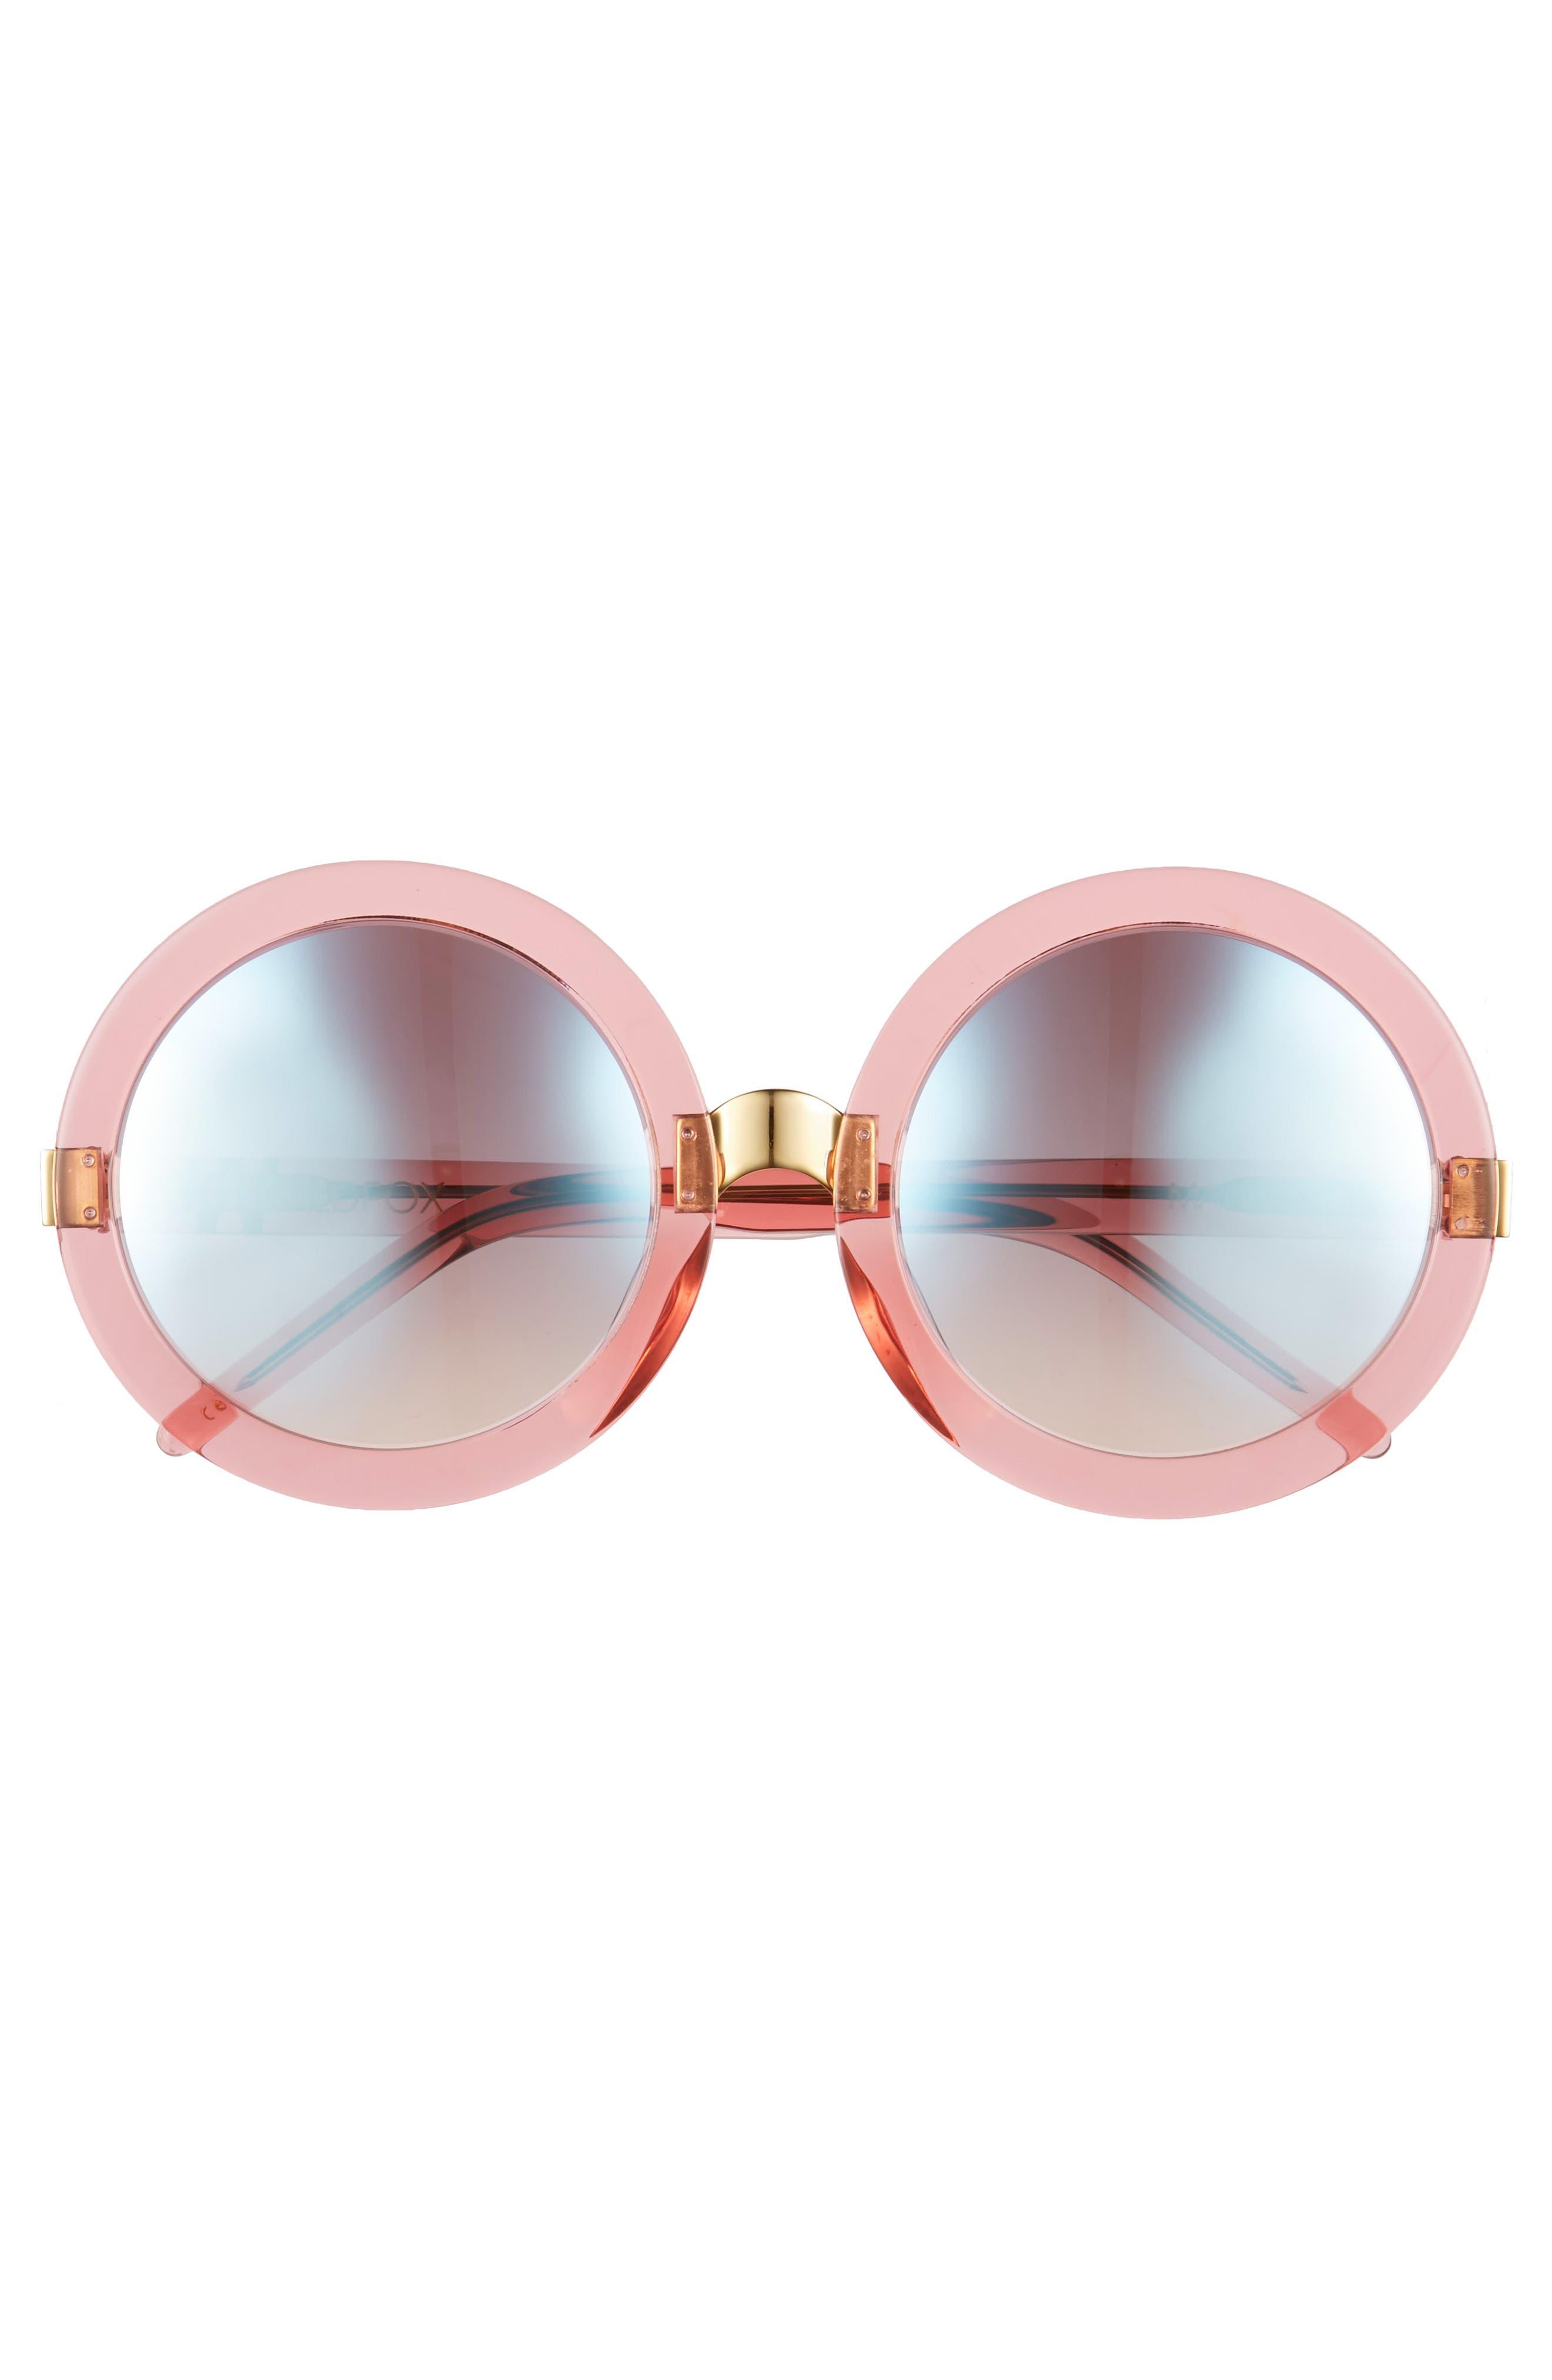 WILDFOX, 'Malibu Deluxe' 55mm Retro Sunglasses, Alternate thumbnail 3, color, 690